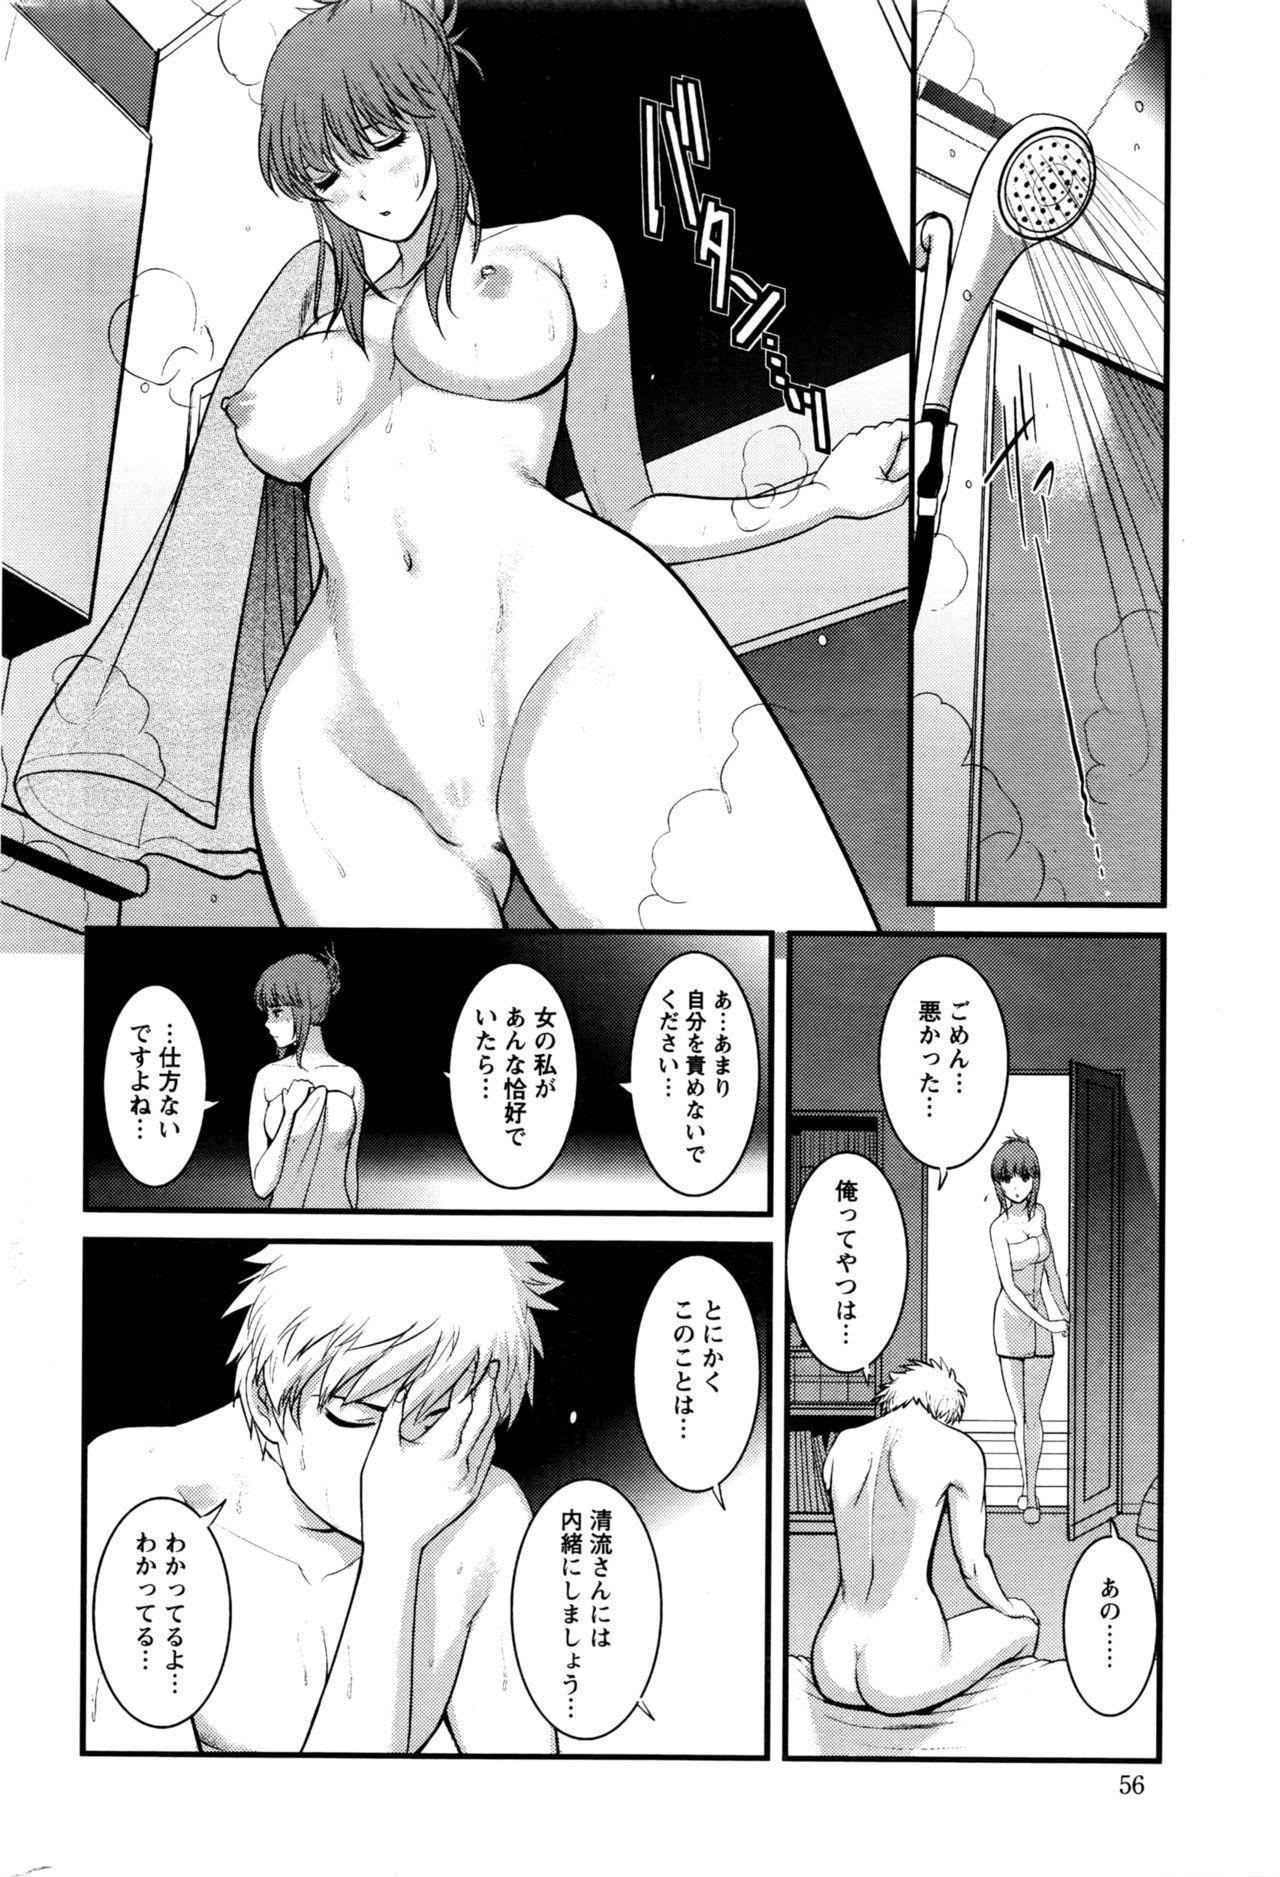 [Saigado] Part time Manaka-san 2nd Ch. 1-3 48